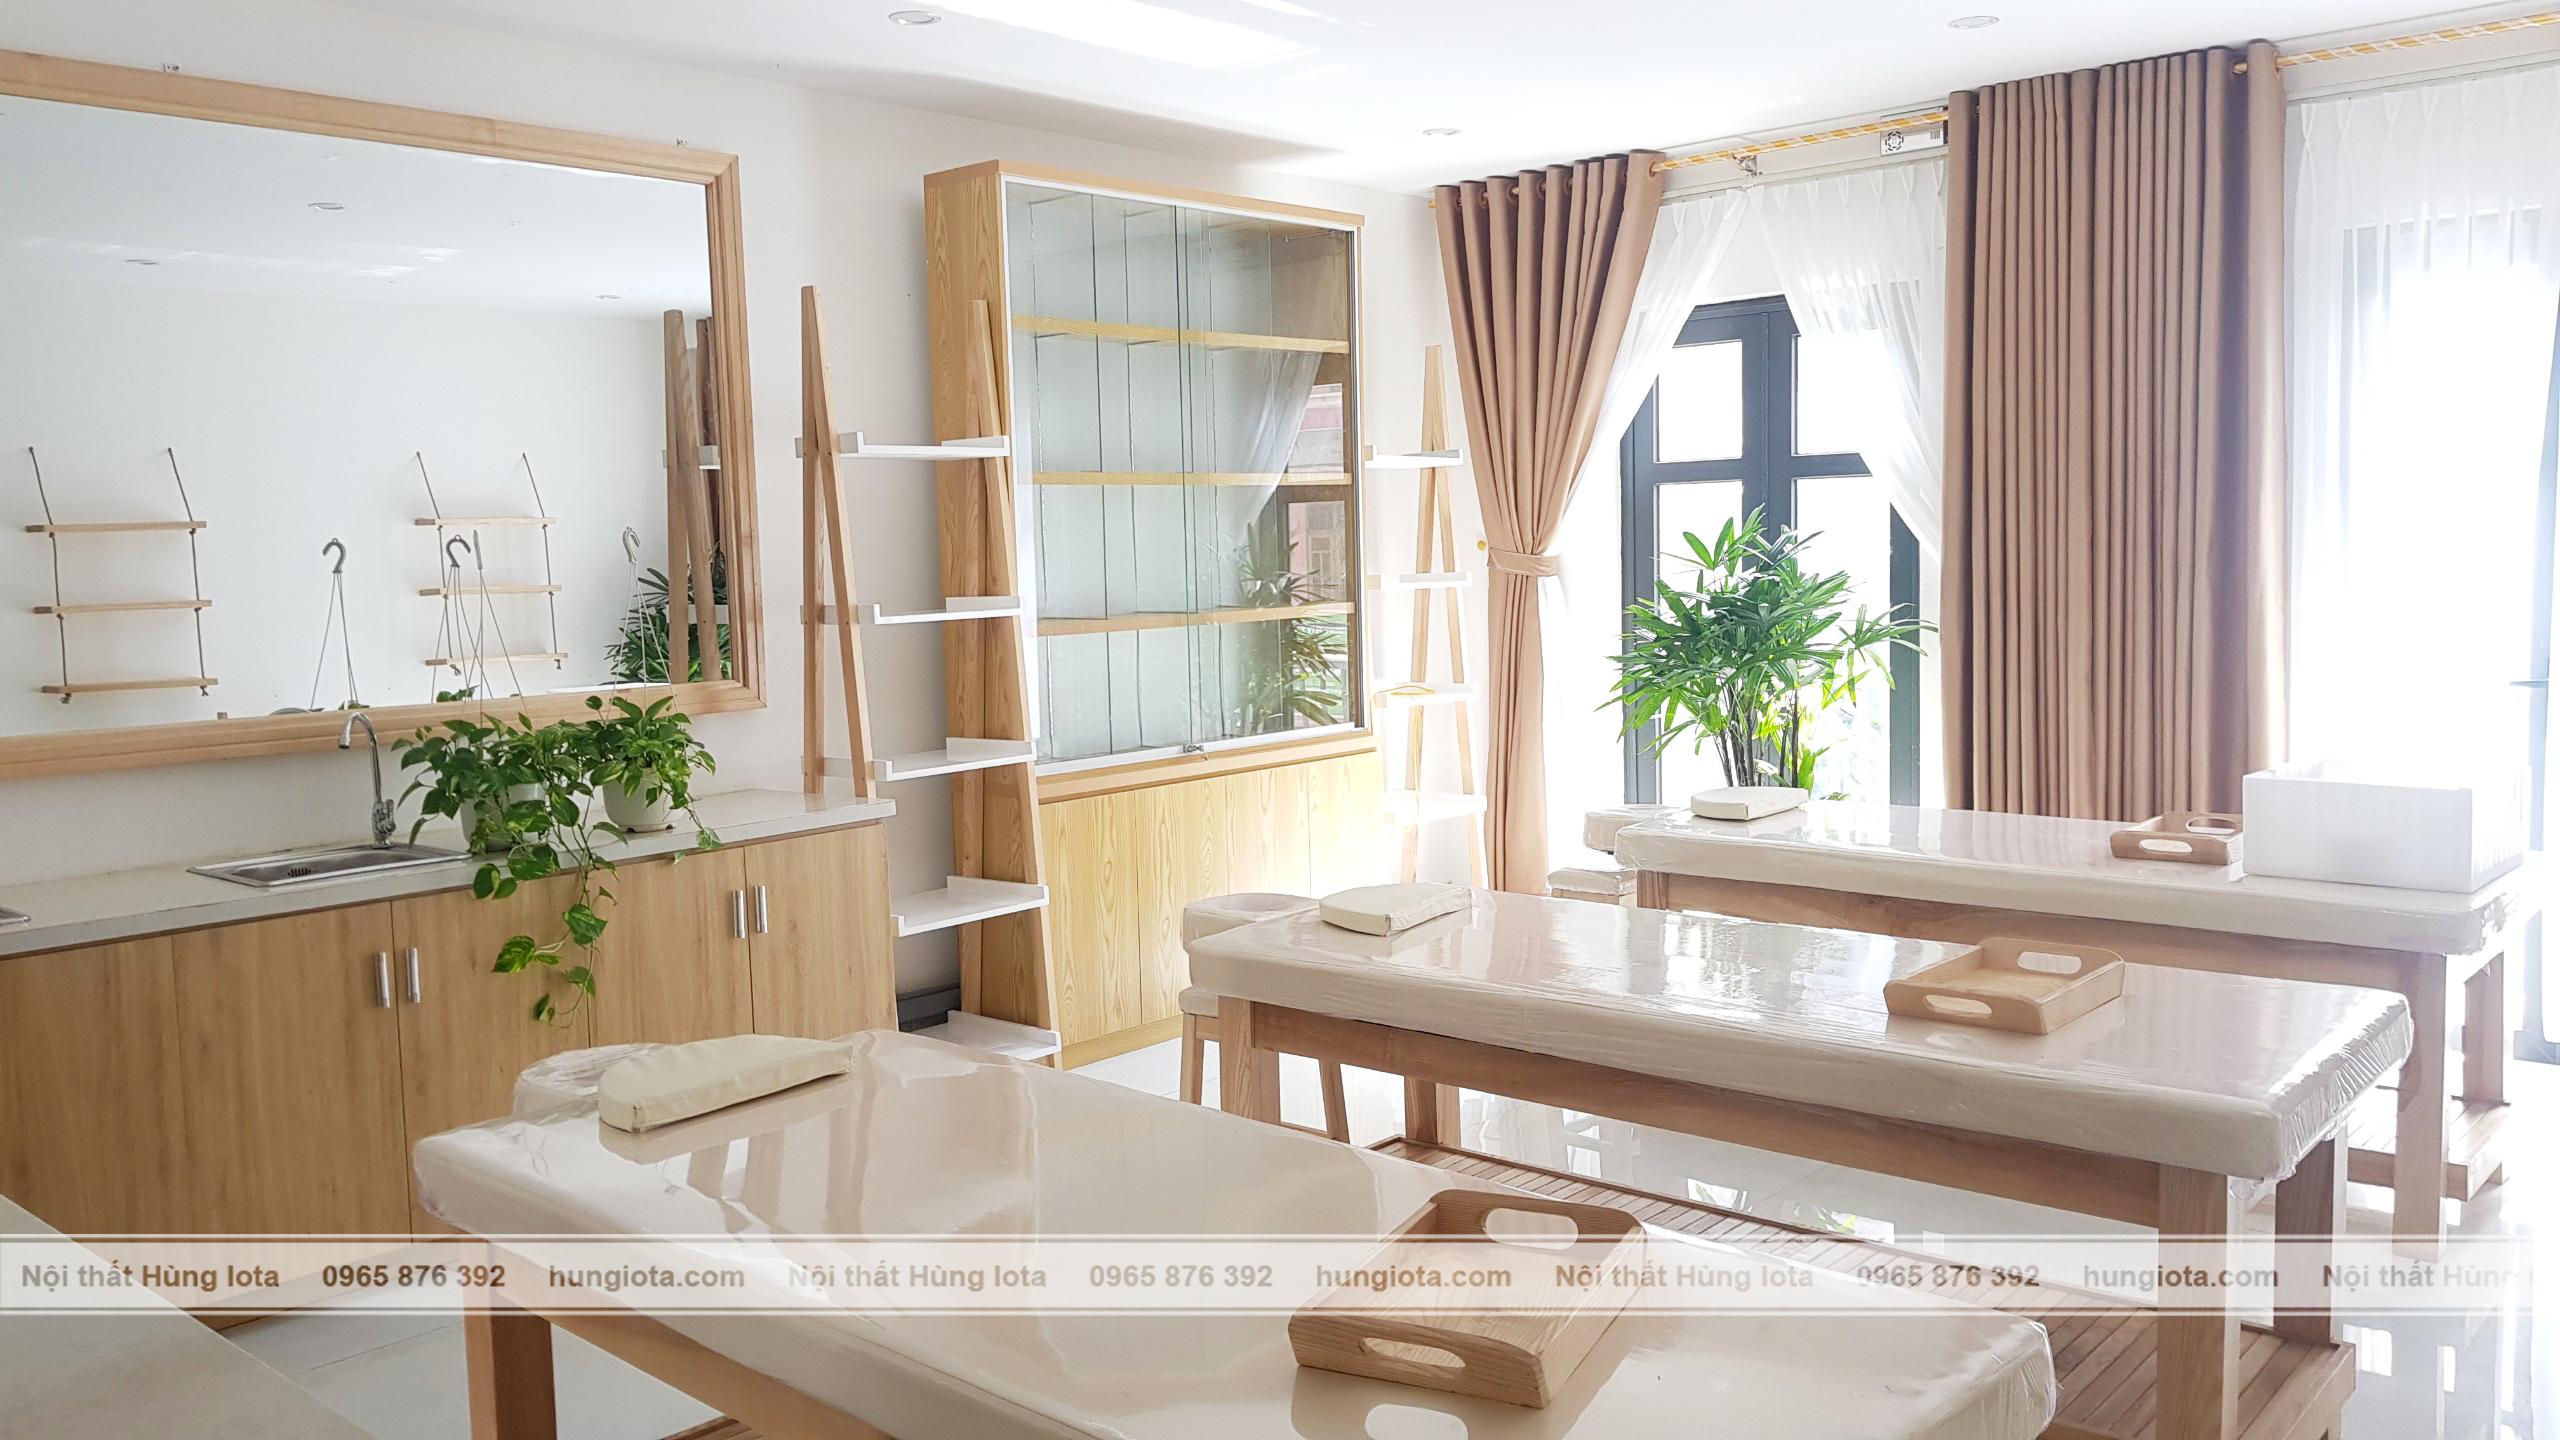 Tủ sản phẩm decor spa, tủ gương spa decor đẹp giá rẻ